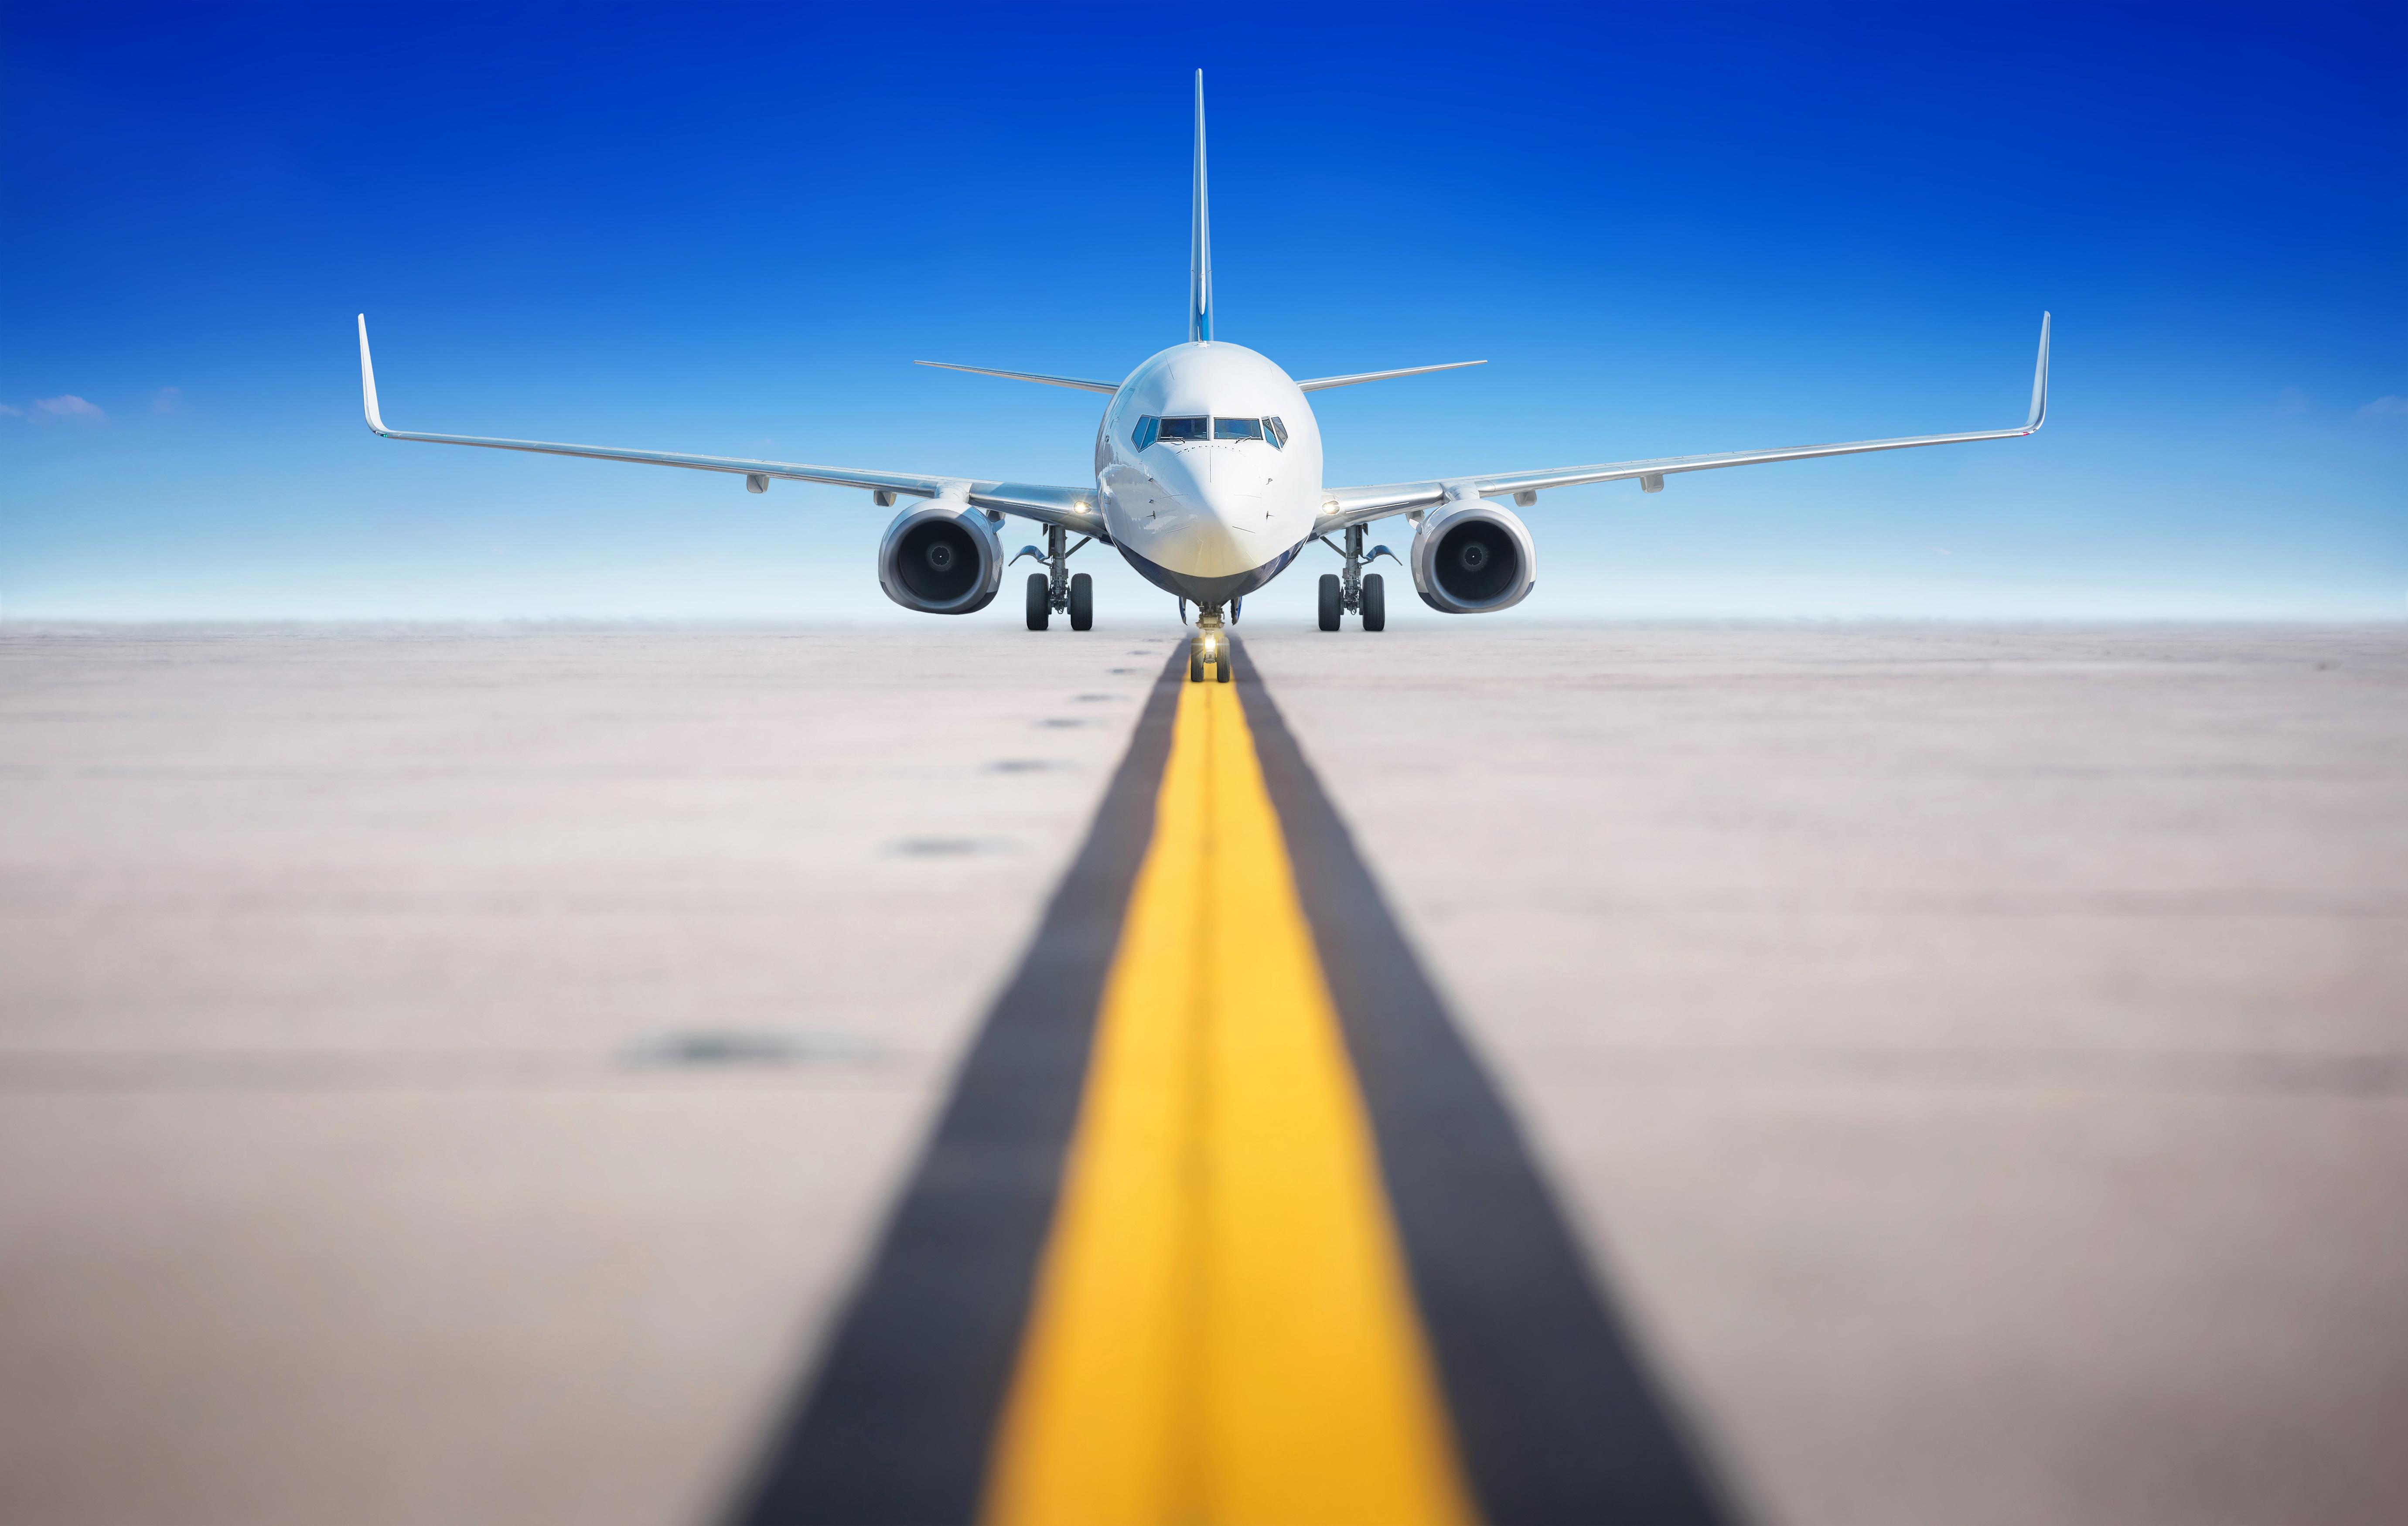 онлайн картинки с самолетами на взлетной полосе если боитесь подобного